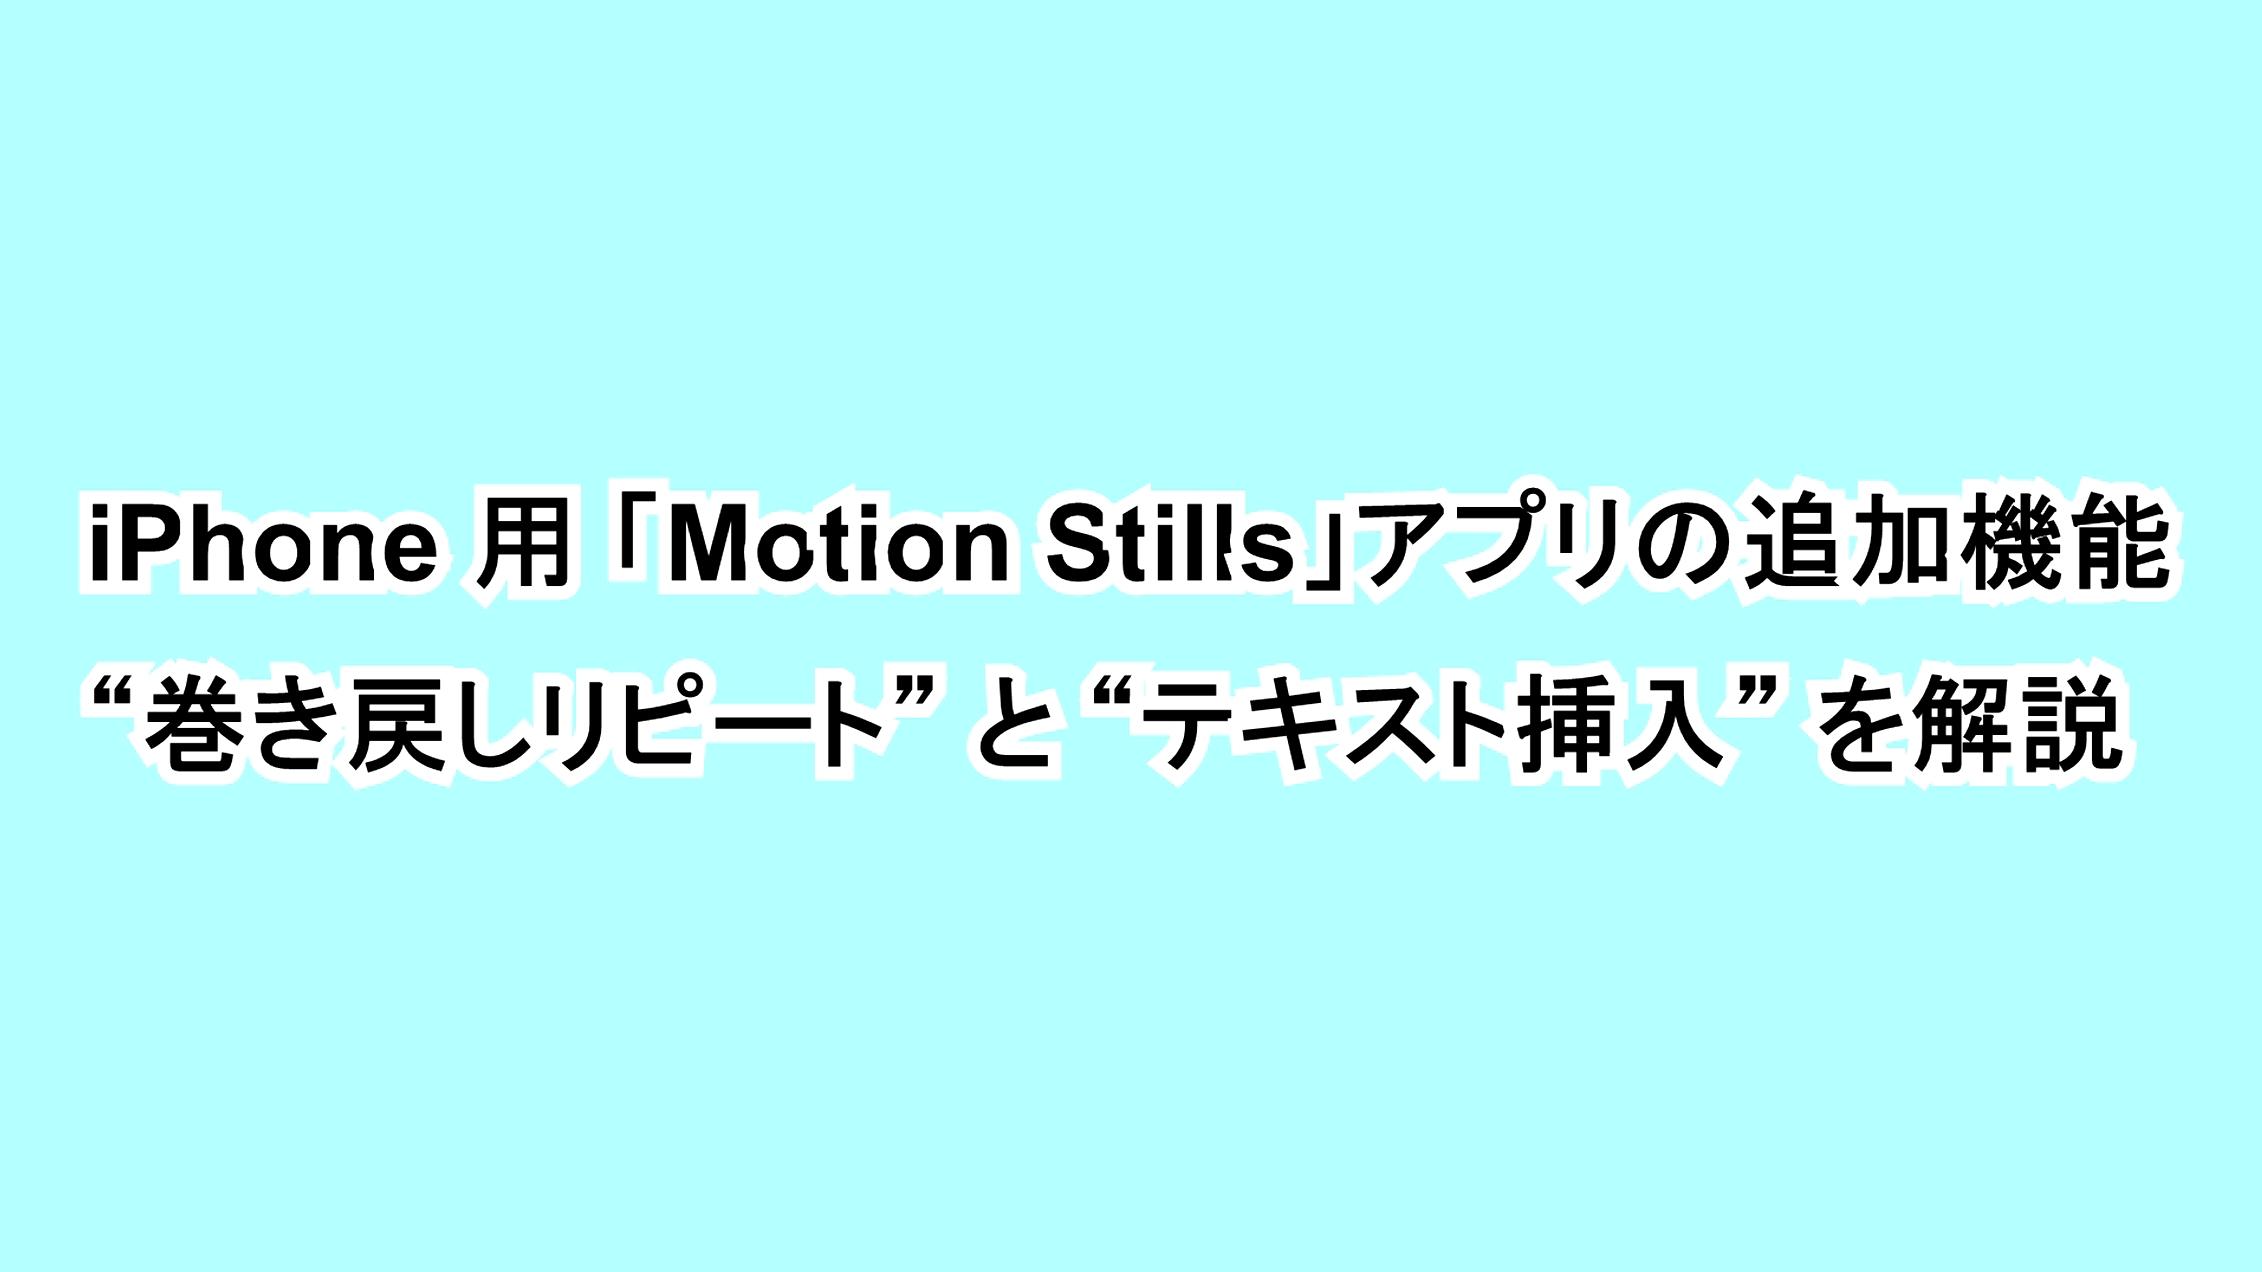 """iPhone用 「Motion Stills」アプリの追加機能""""巻き戻しリピート""""と""""テキスト挿入""""を解説"""